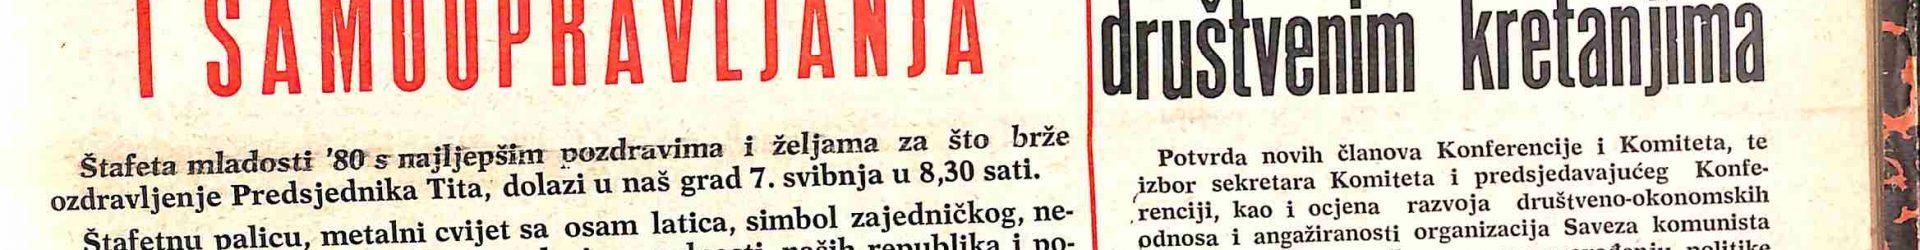 30 travnja 1980